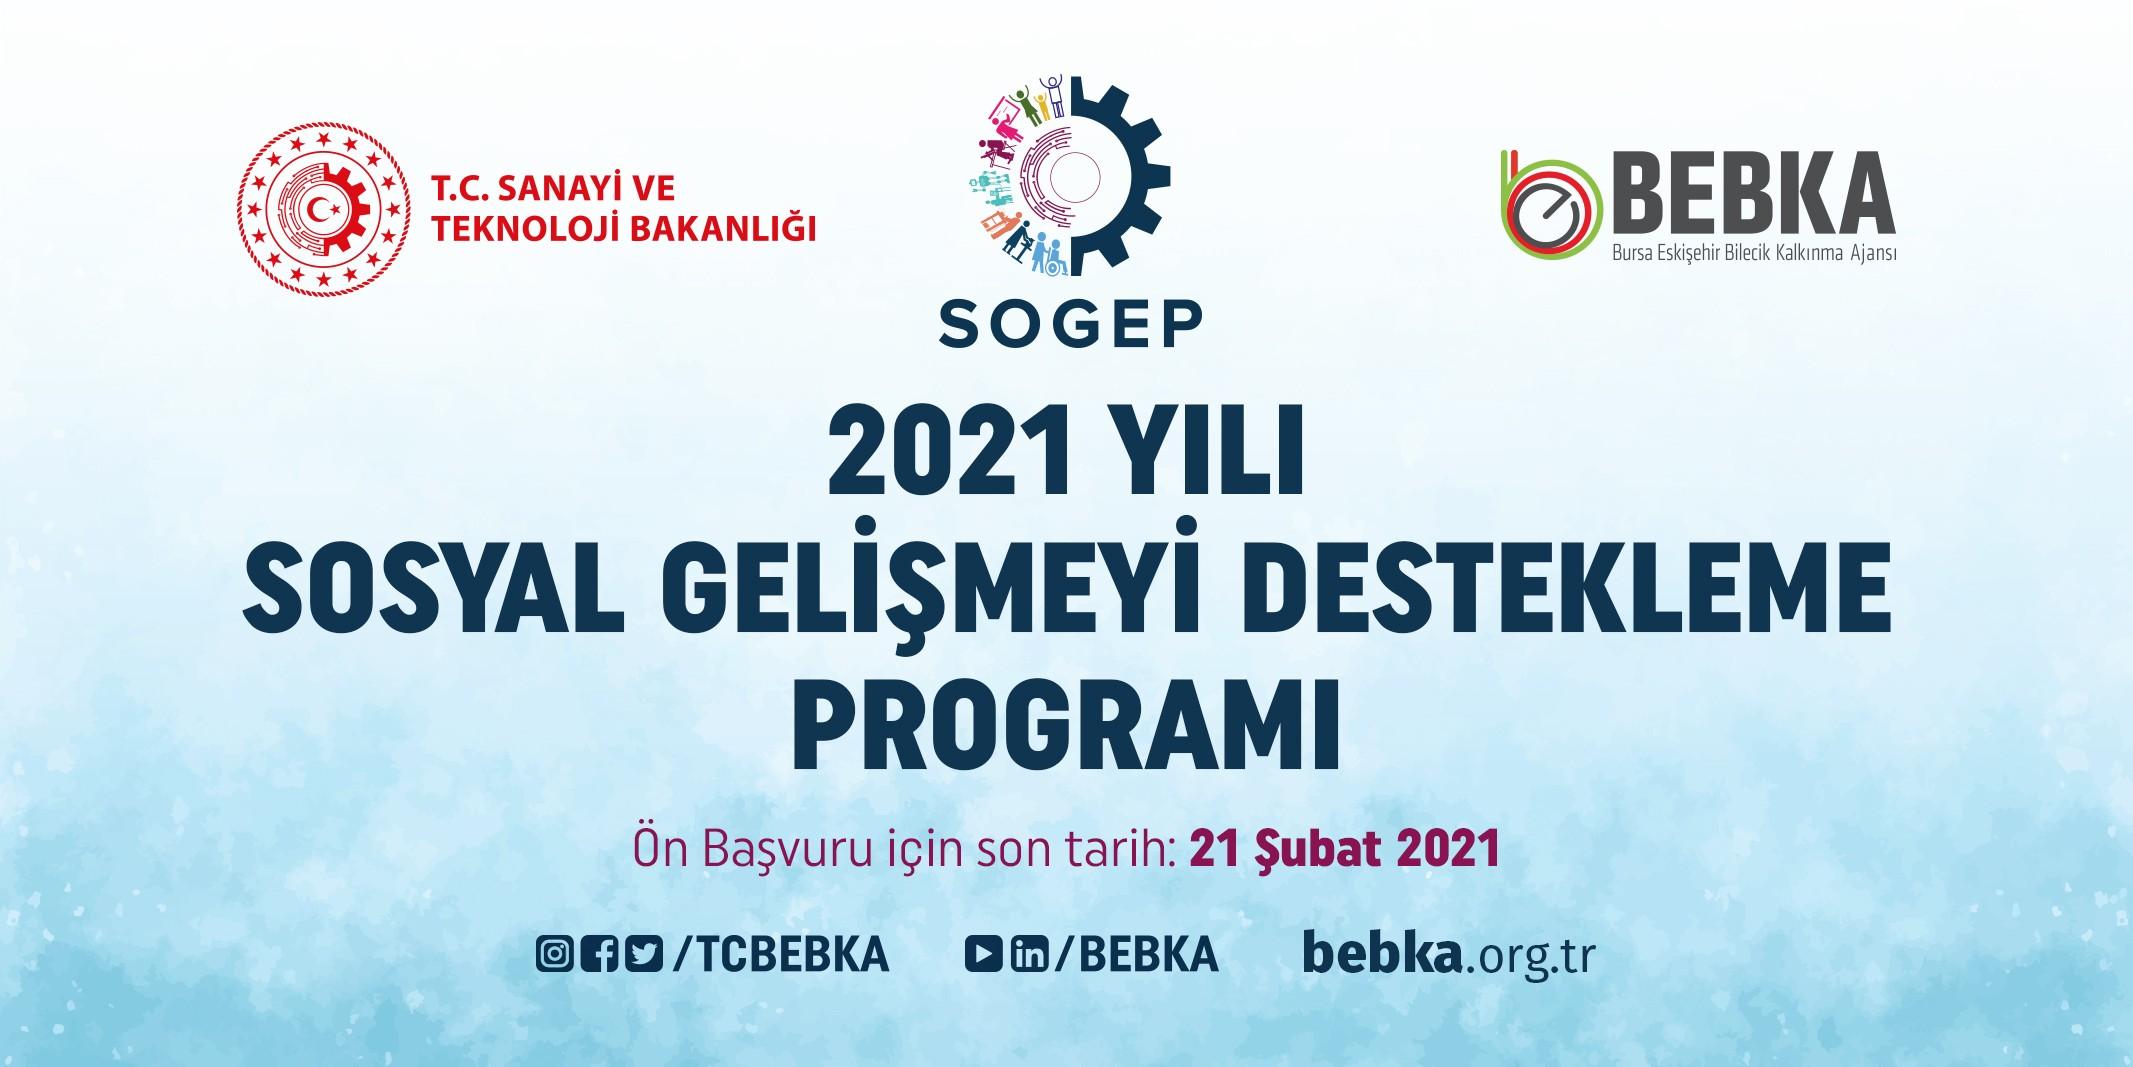 """<p>Sanayi ve Teknoloji Bakanlığı koordinasyonunda bölgedeki kurum ve kuruluşlara yönelik mali ve teknik destek faaliyetleri yürüten Bursa Eskişehir Bilecik Kalkınma Ajansı (BEBKA), """"İstihdam Edilebilirliği Artırmak"""" """"Sosyal Girişimcilik ve Yenilikçilik"""" """"Sosyal İçerme"""" ve """"Sosyal Sorumluluk"""" alanlarında Sosyal Gelişmeyi Destekleme Programı (SOGEP) proje teklif çağrısına çıktı.</p> <p></p> <p>BEBKA, yerel dinamikleri harekete geçirerek yoksulluk, göç ve kentleşmeden kaynaklanan sosyal sorunları gidermek, değişen sosyal yapının ortaya çıkardığı ihtiyaçlara karşılık vermek, toplumun dezavantajlı kesimlerinin ekonomik ve sosyal hayata daha aktif katılmalarını sağlamak, istihdam edilebilirliği artırmak, sosyal içermeyi, sosyal girişimciliği ve yenilikçiliği desteklemek ve sosyal sorumluluk uygulamalarını yaygınlaştırmak amacıyla kısa adı SOGEP olan Sosyal Gelişmeyi Destekleme Programı ön başvurularını başlattı.<br />SOGEP ile kamu kurum ve kuruluşları, kamu kurumu niteliğindeki meslek kuruluşları, birlikler, kooperatifler, sivil toplum kuruluşları, organize sanayi bölgeleri, sanayi siteleri, serbest bölge işleticileri, teknoloji transfer ofisi şirketleri ile teknoloji geliştirme bölgesi, endüstri bölgesi ve iş geliştirme merkezi gibi kuruluşların yönetici şirketleri ile yalnızca sosyal sorumluluk projeleri için kâr amacı güden kuruluşların projeleri desteklenecek.</p> <p></p> <p><strong>Proje Başvuru Süreci Nasıl Yürütülecek?</strong></p> <p></p> <p>Program kapsamında toplam bütçesi asgari 1 milyon TL olan projeler % 90'a varan oranda desteklenebilecek.Program kapsamında projelerin uygulama süresi ise en fazla 18 ay olarak belirlendi.<br />Program kapsamında oluşturulacak proje önerilerinin, güdümlü proje yöntemiyle Kalkınma Ajansı öncülüğünde geliştirilmesi, sosyal sorunların çözümüne yönelik yenilikçi metotlar içermesi, program öncelikleri ile uyumlu şekilde sürdürülebilir iş modelleriyle desteklenmesi, ortaklıkları ve kurumsallaşmayı güçlendirici nitelikte ve sosyal e"""